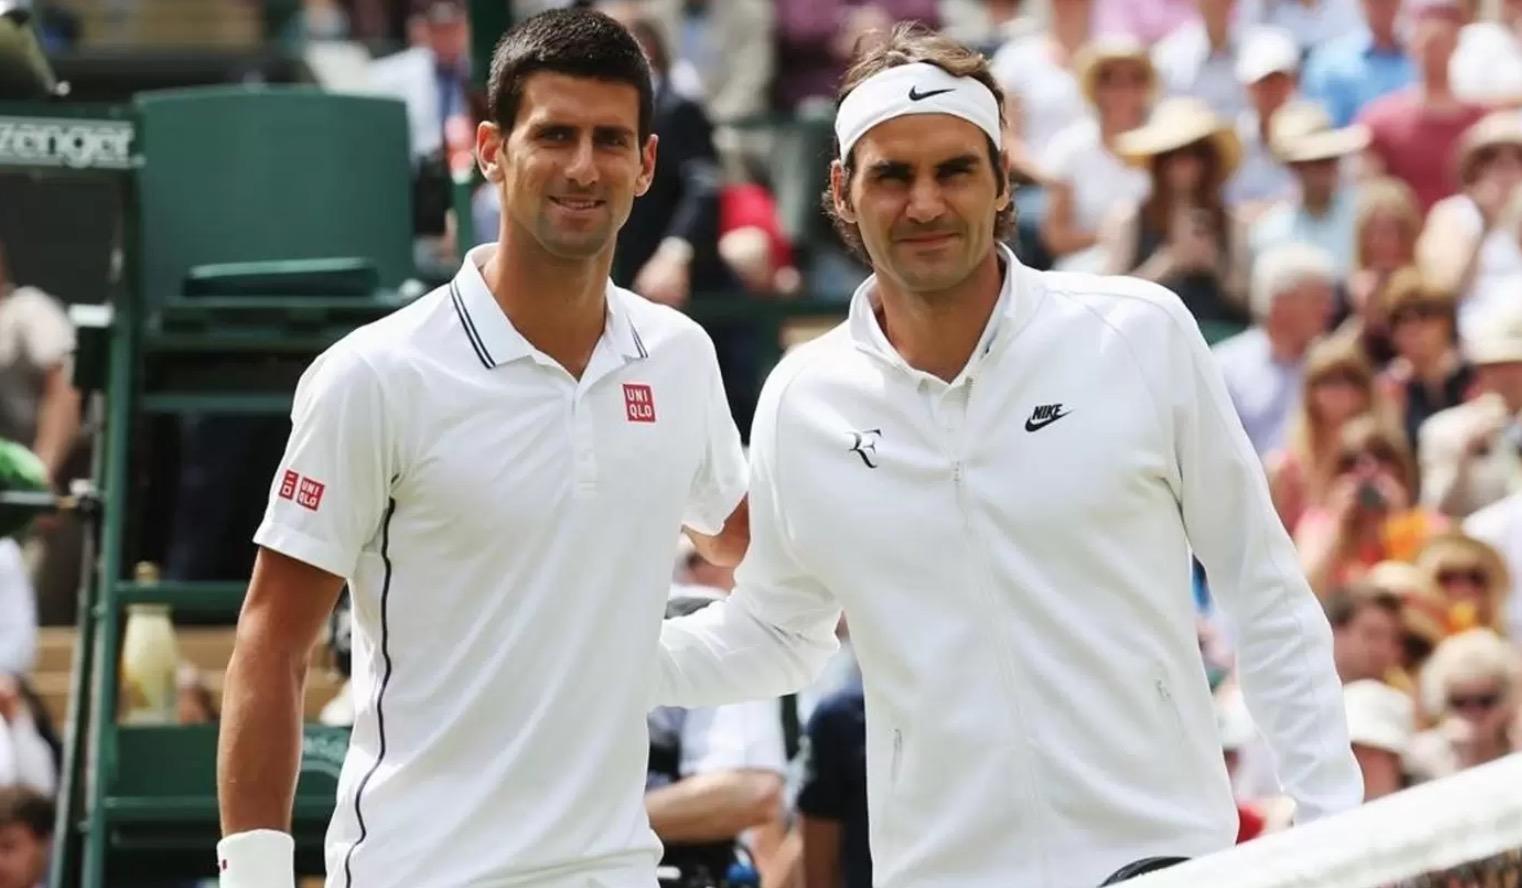 image - Wimbledon